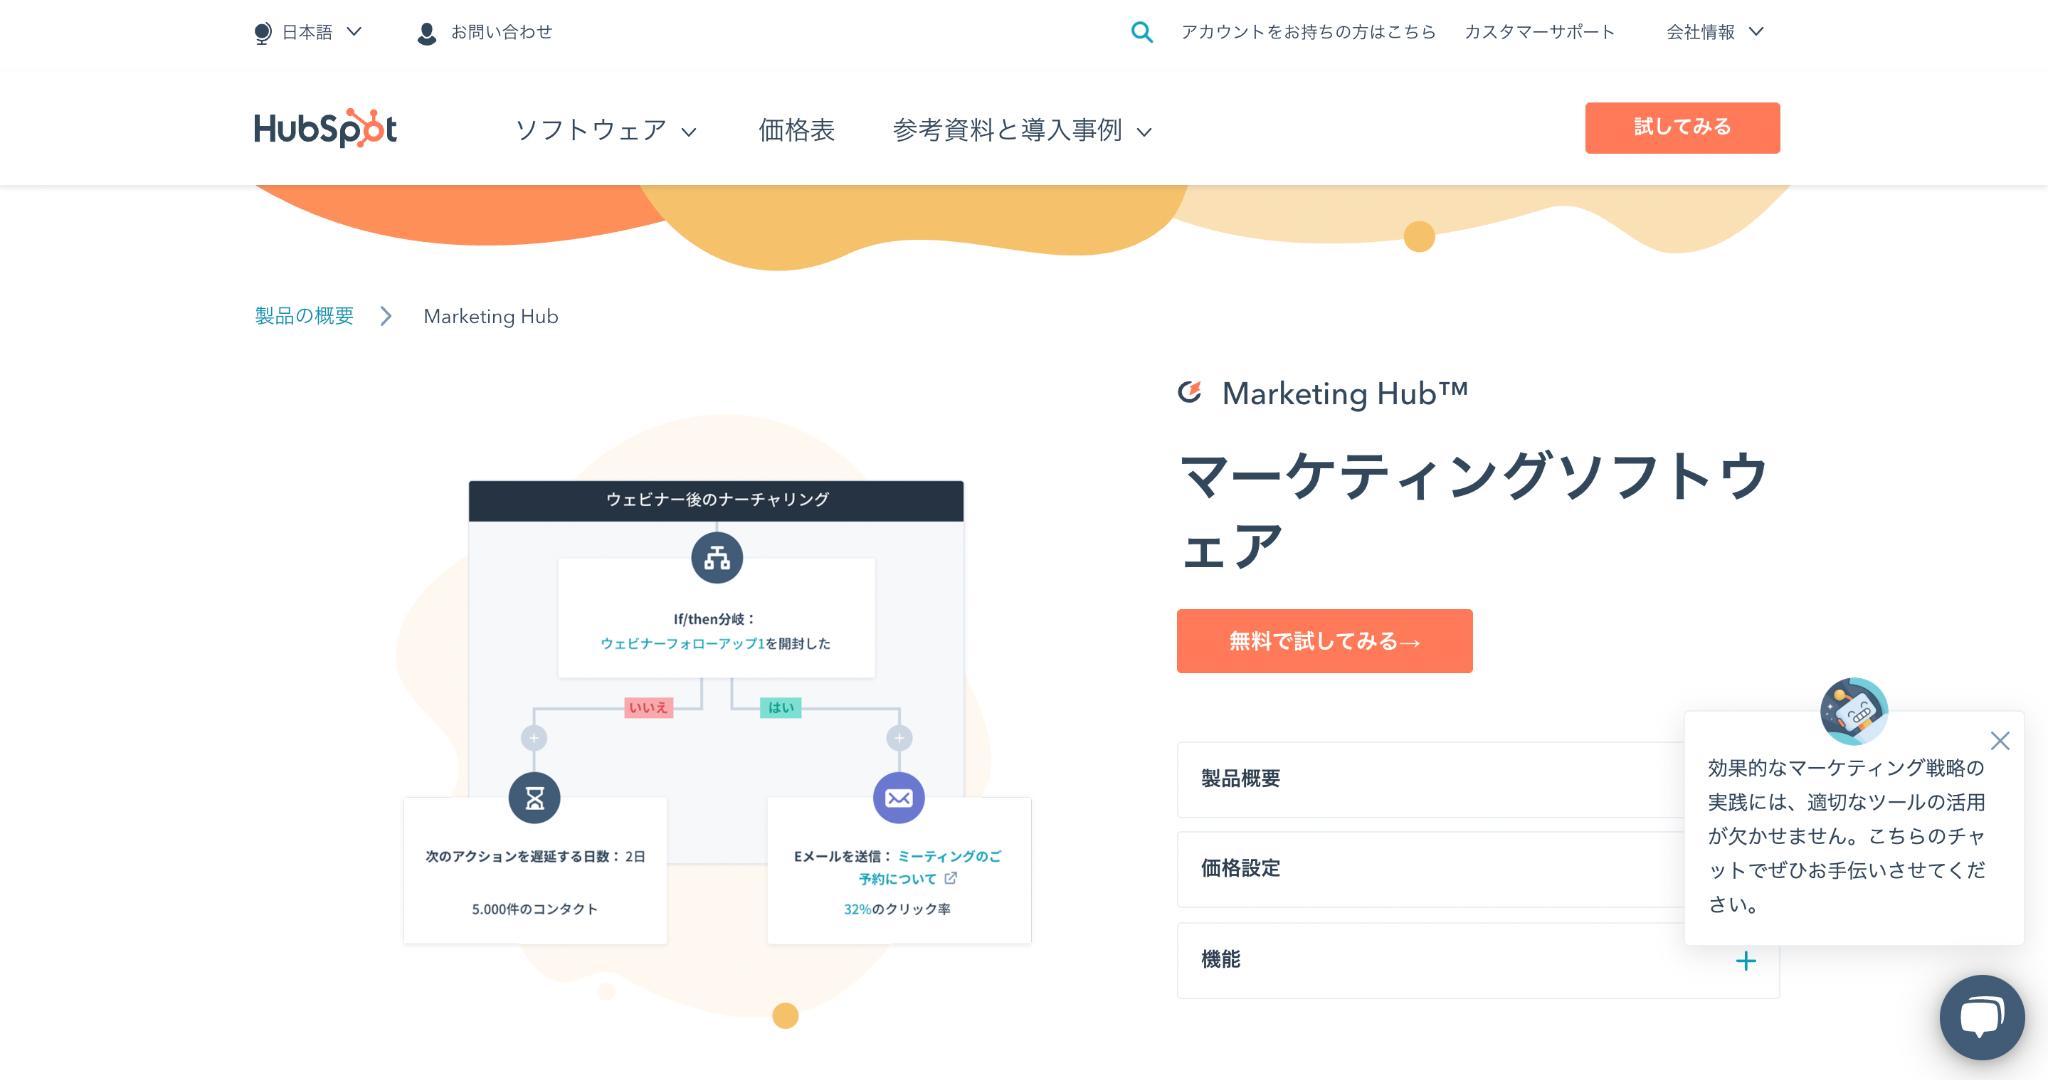 Hubspot Marketing Hubキャプチャ